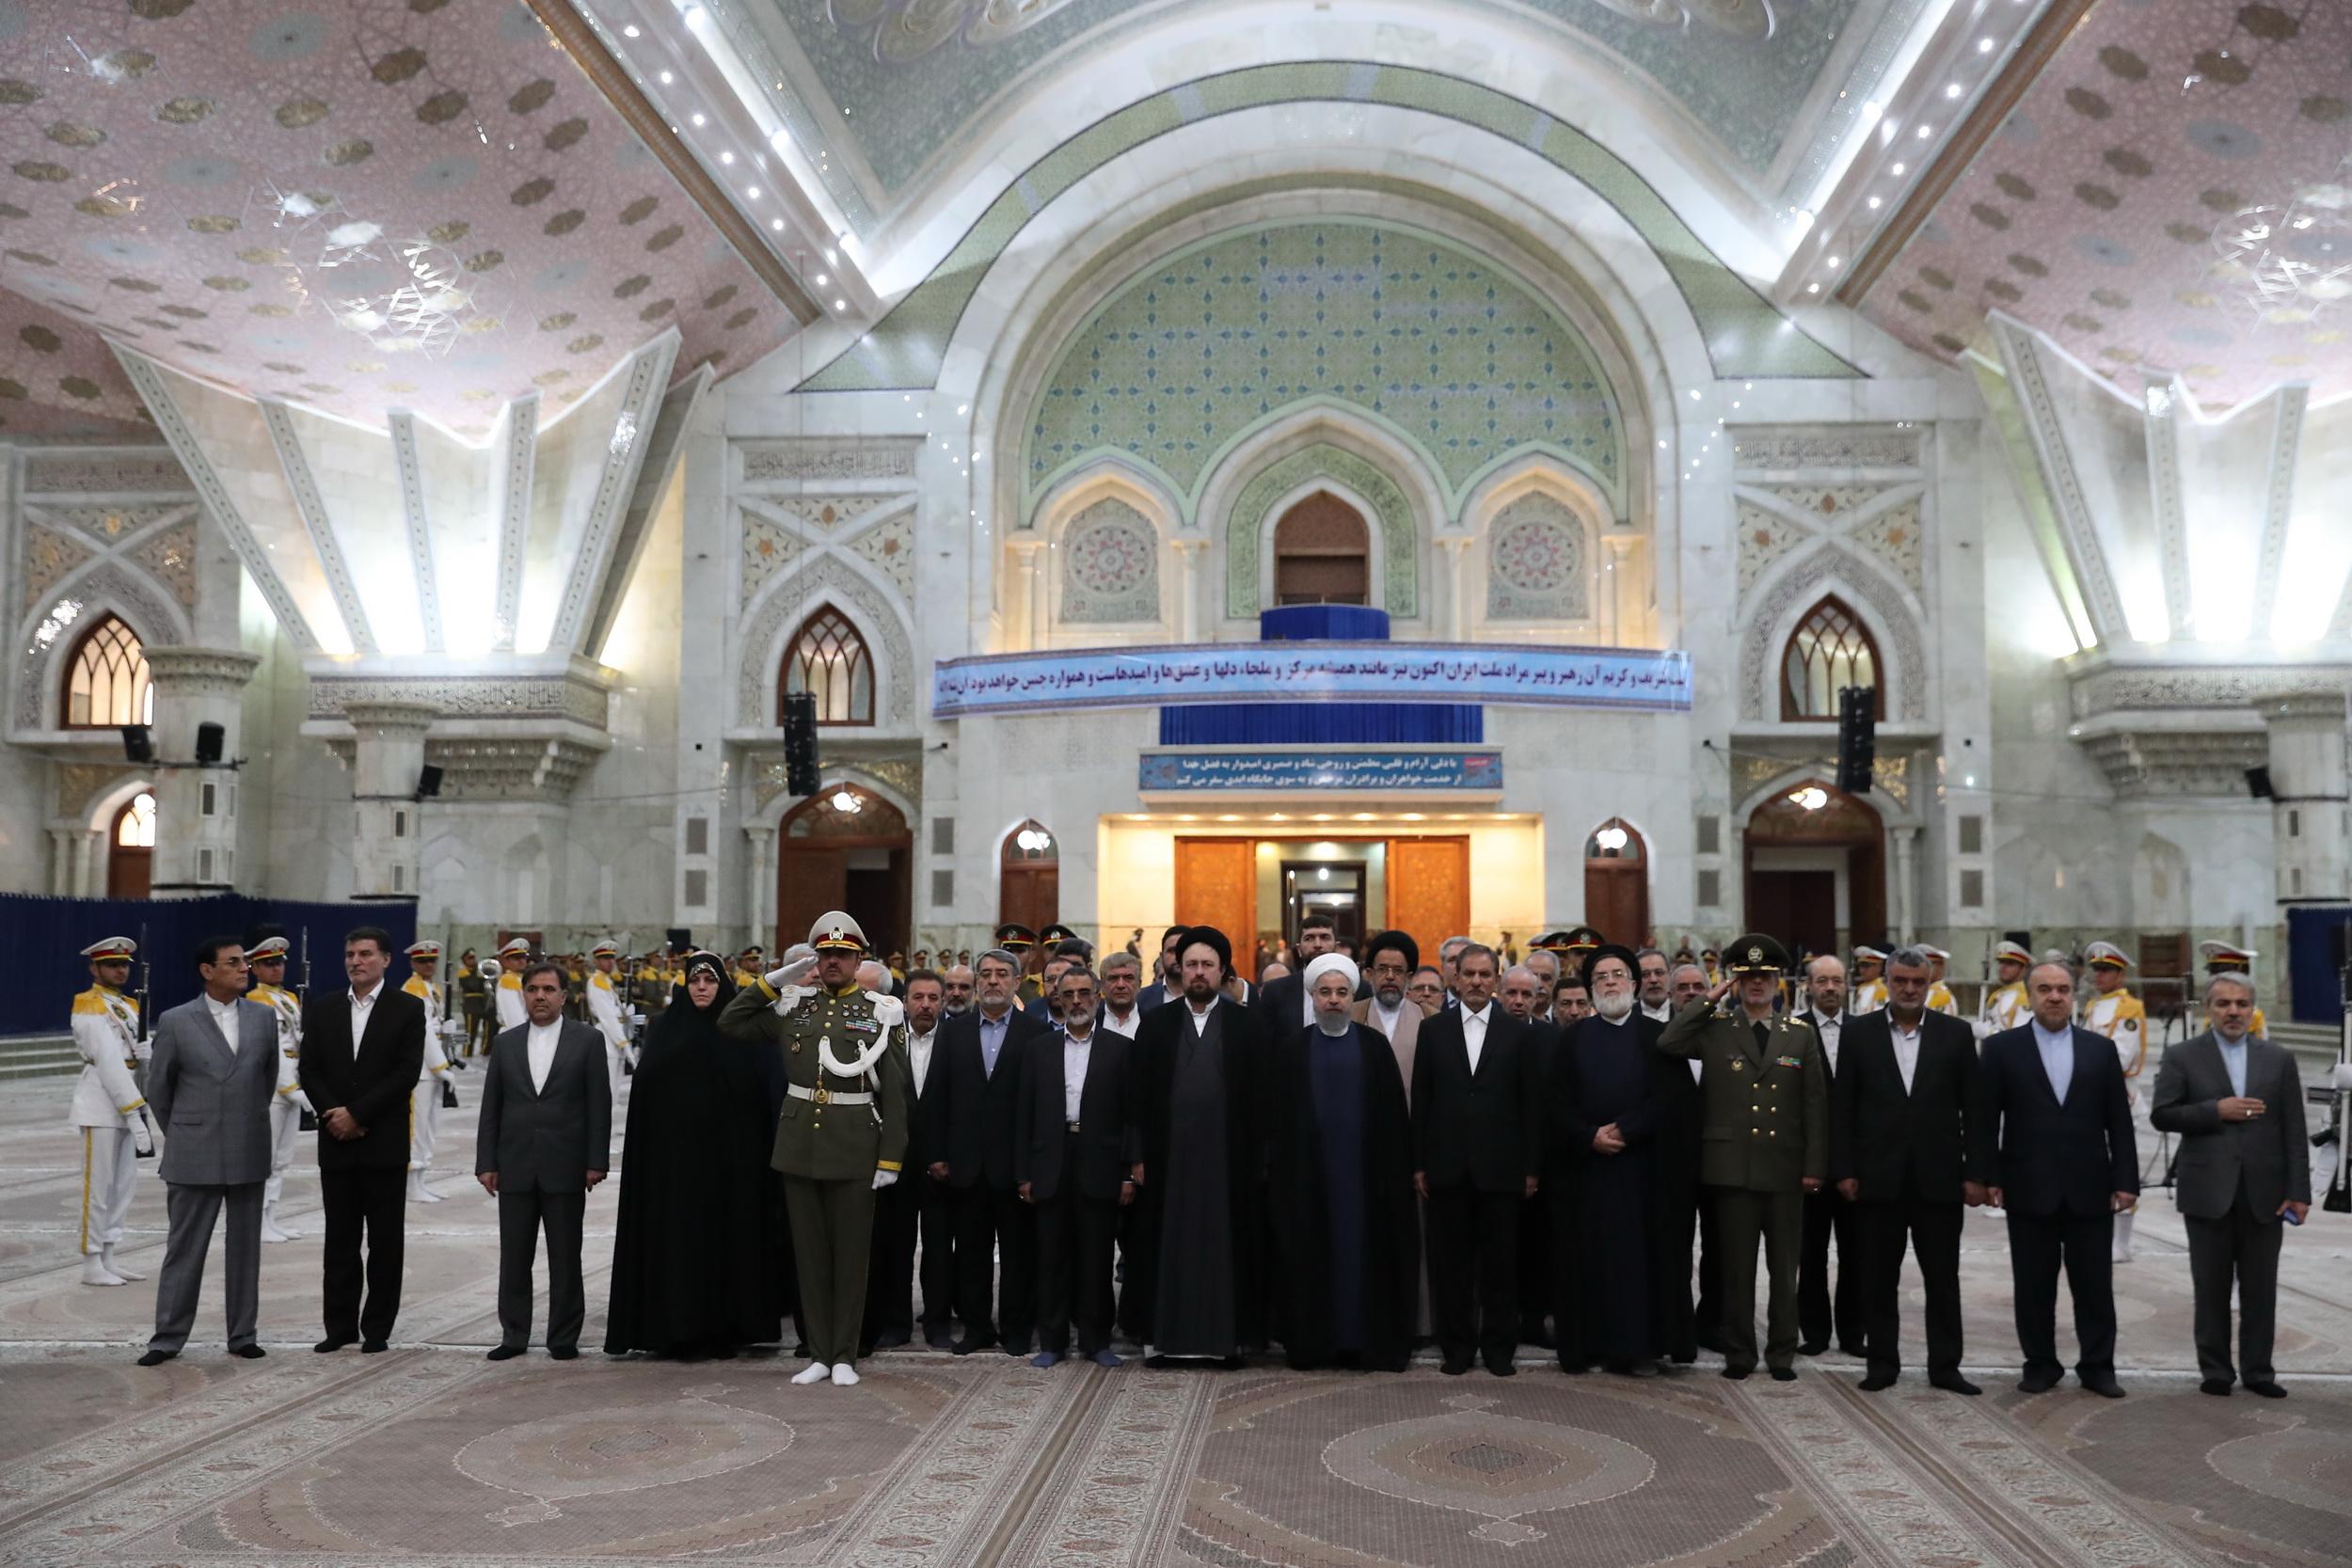 رئیس جمهور و اعضای هیئت دولت با آرمانهای امام خمینی (ره) و شهیدان تجدید میثاق کردند